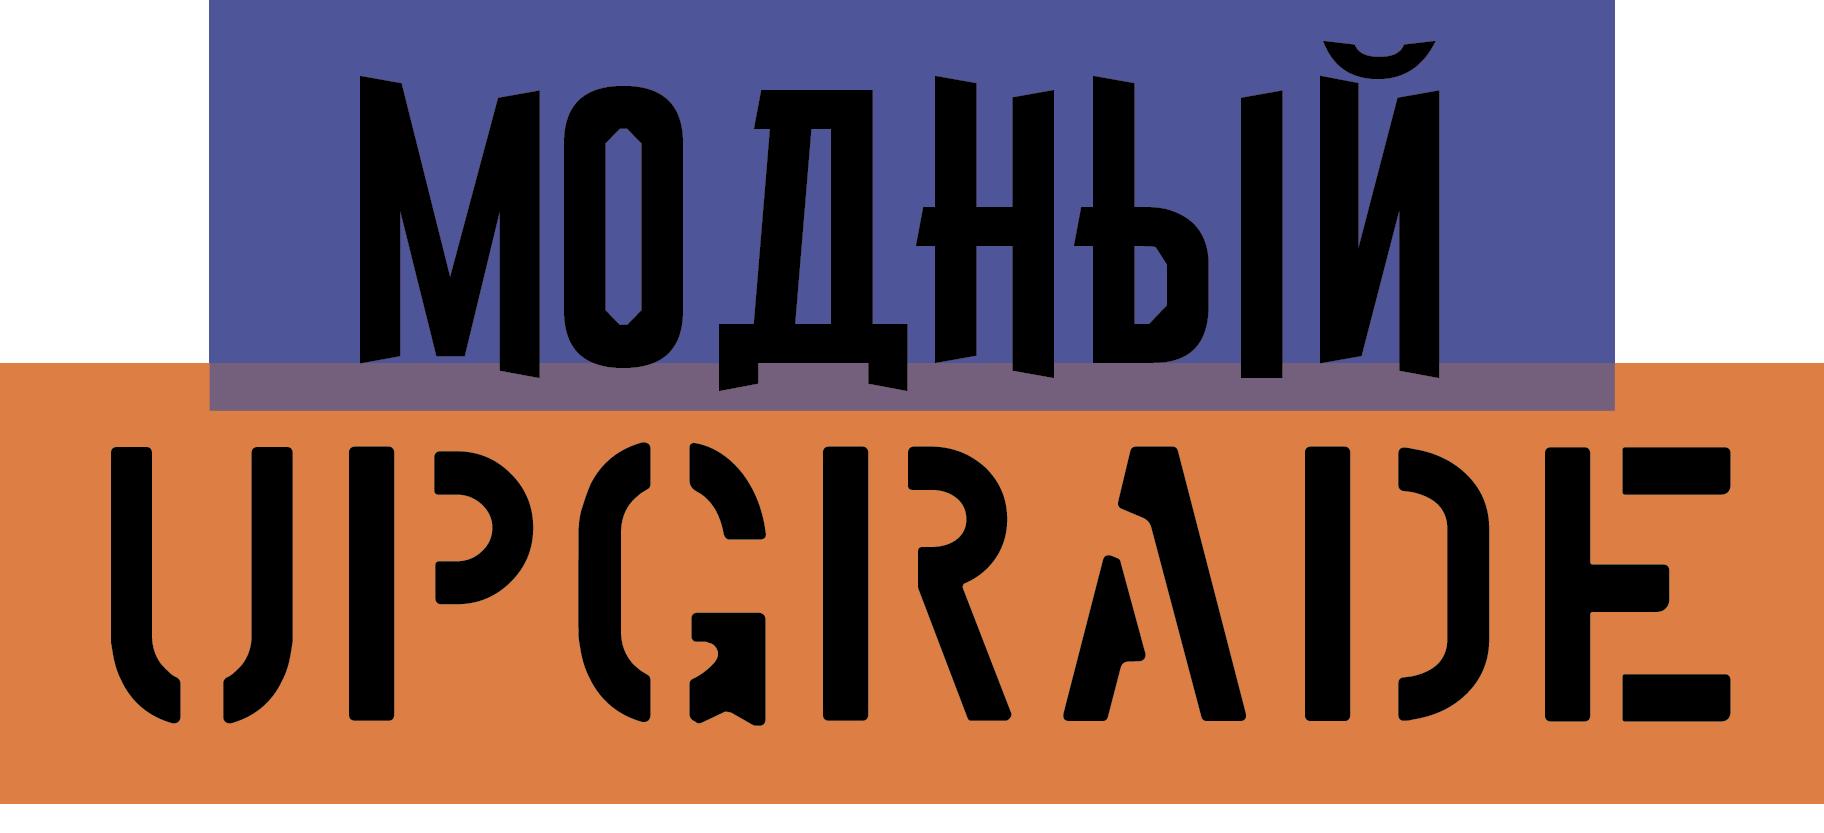 """Логотип интернет магазина """"Модный UPGRADE"""" фото f_9625946296a0c886.png"""